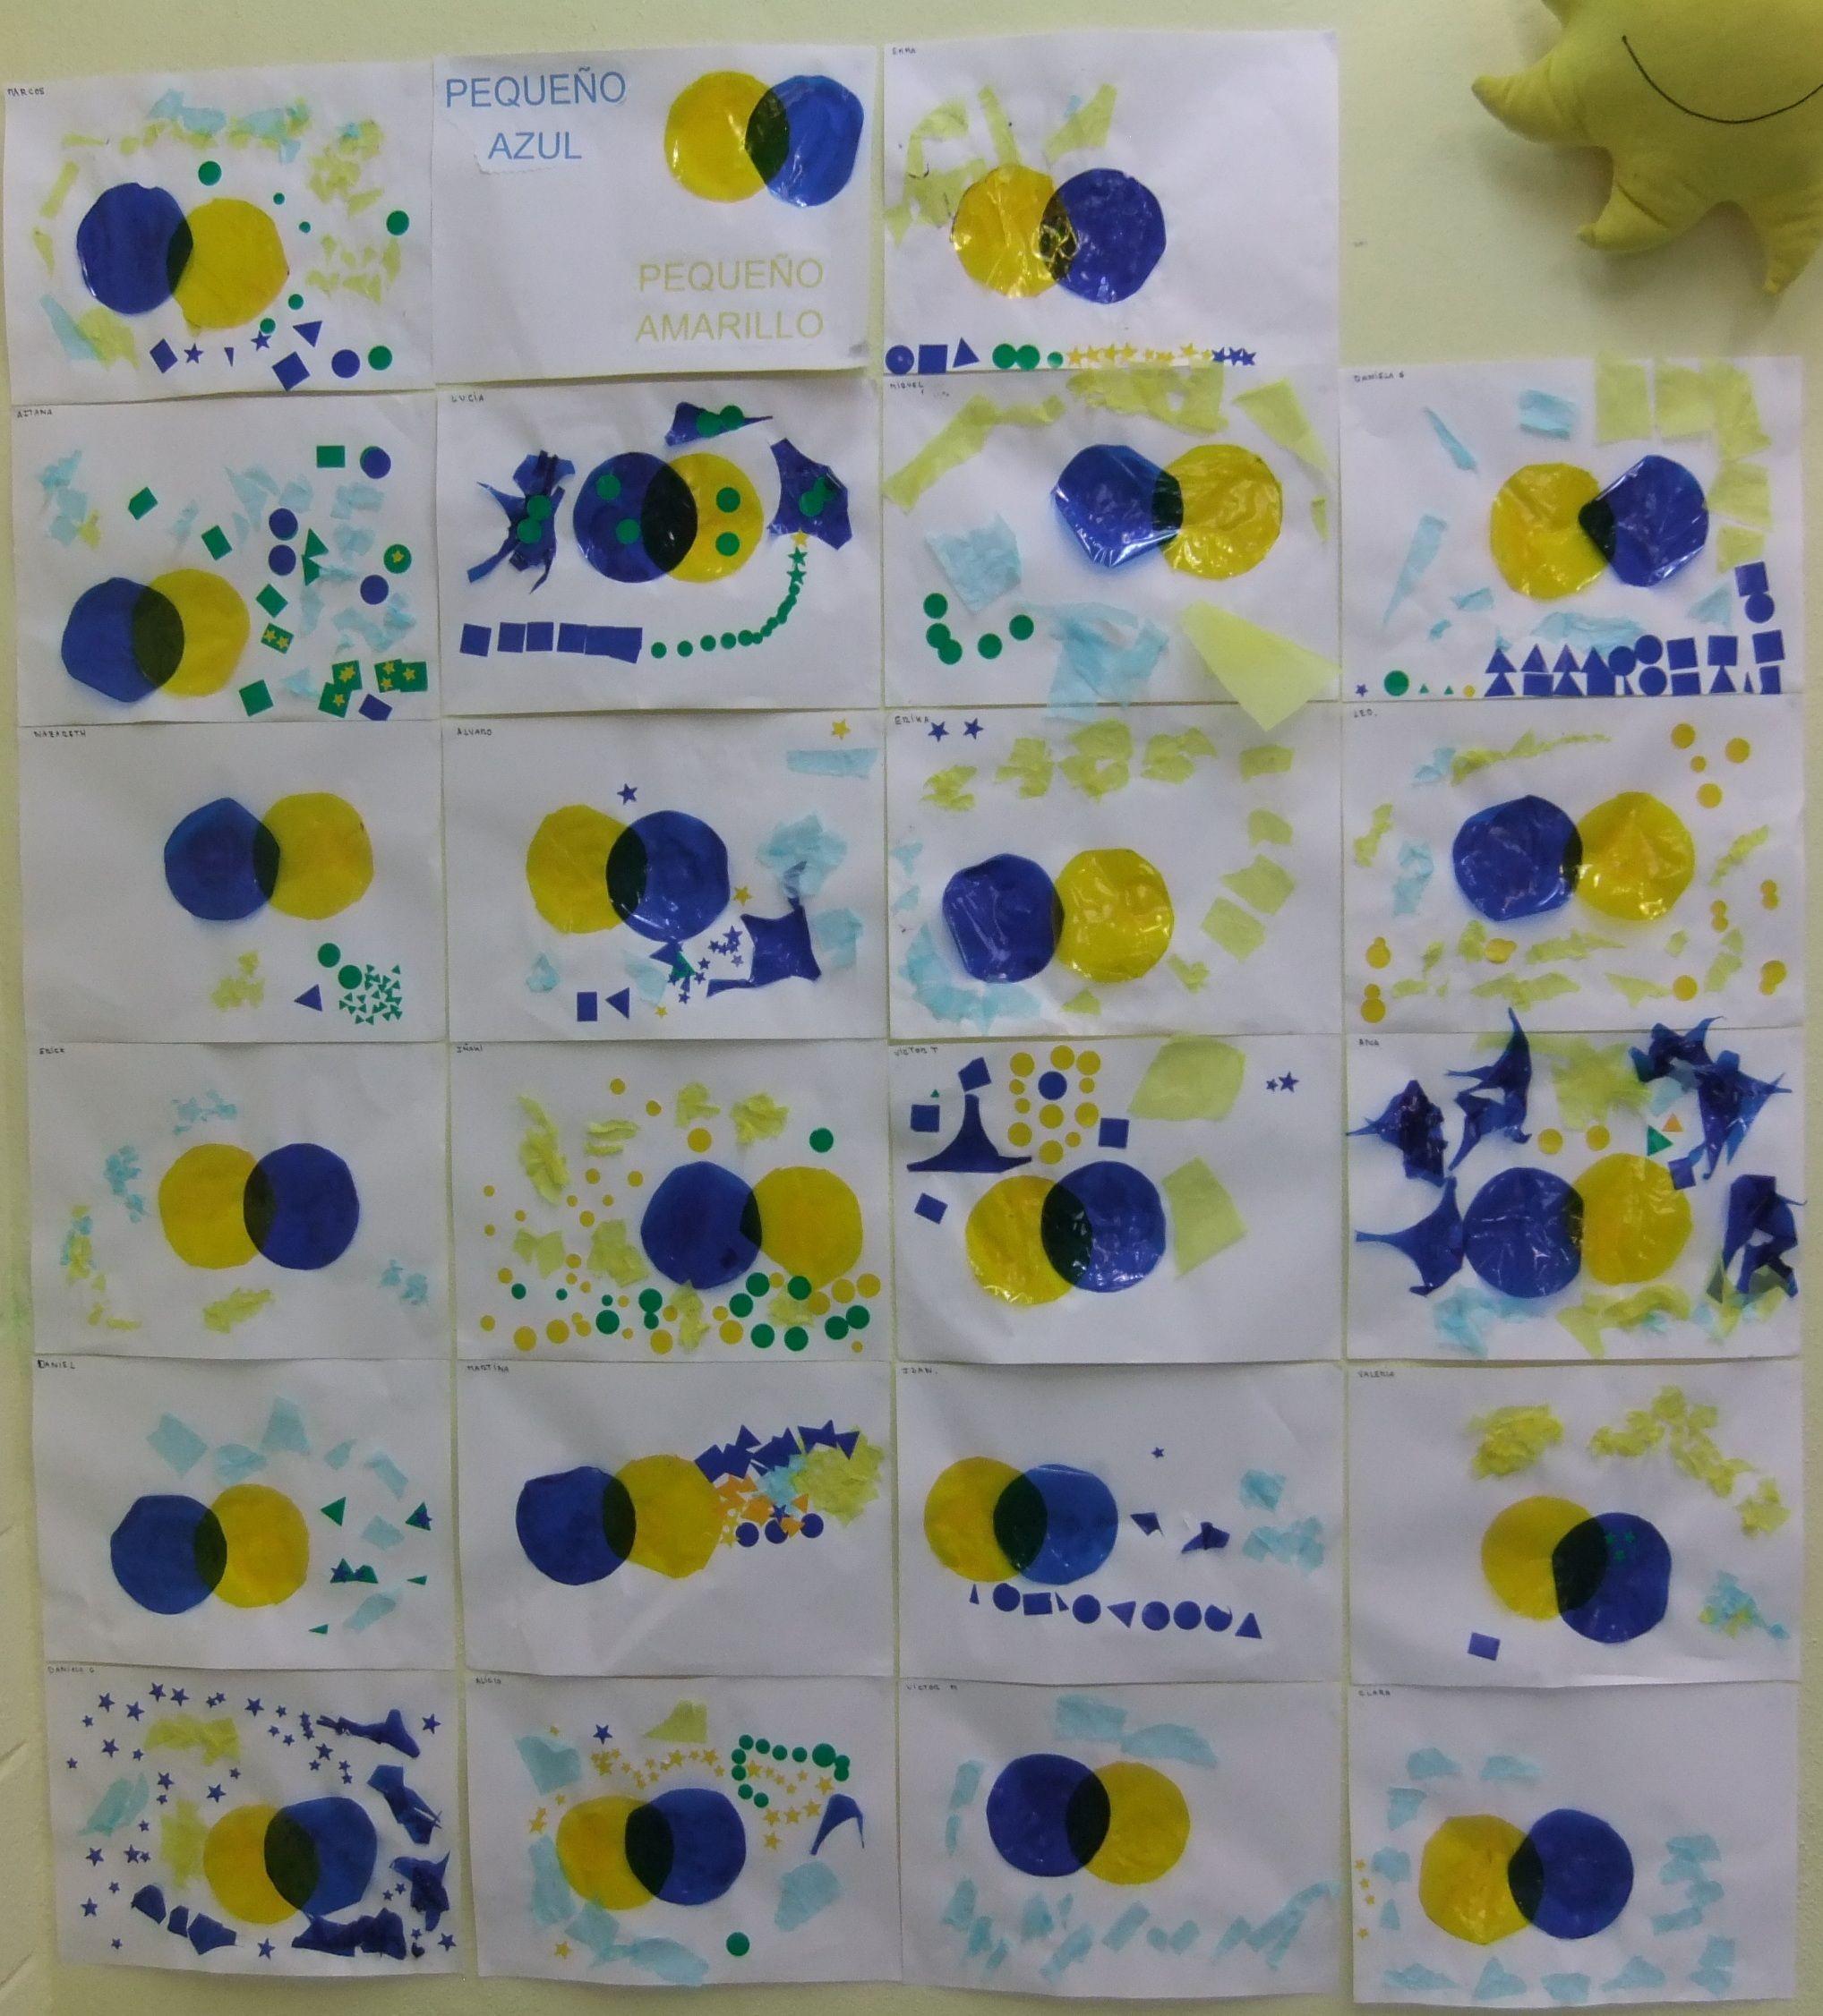 Trabajo Creativo A Partir Del Cuento Pequeno Azul Pequeno